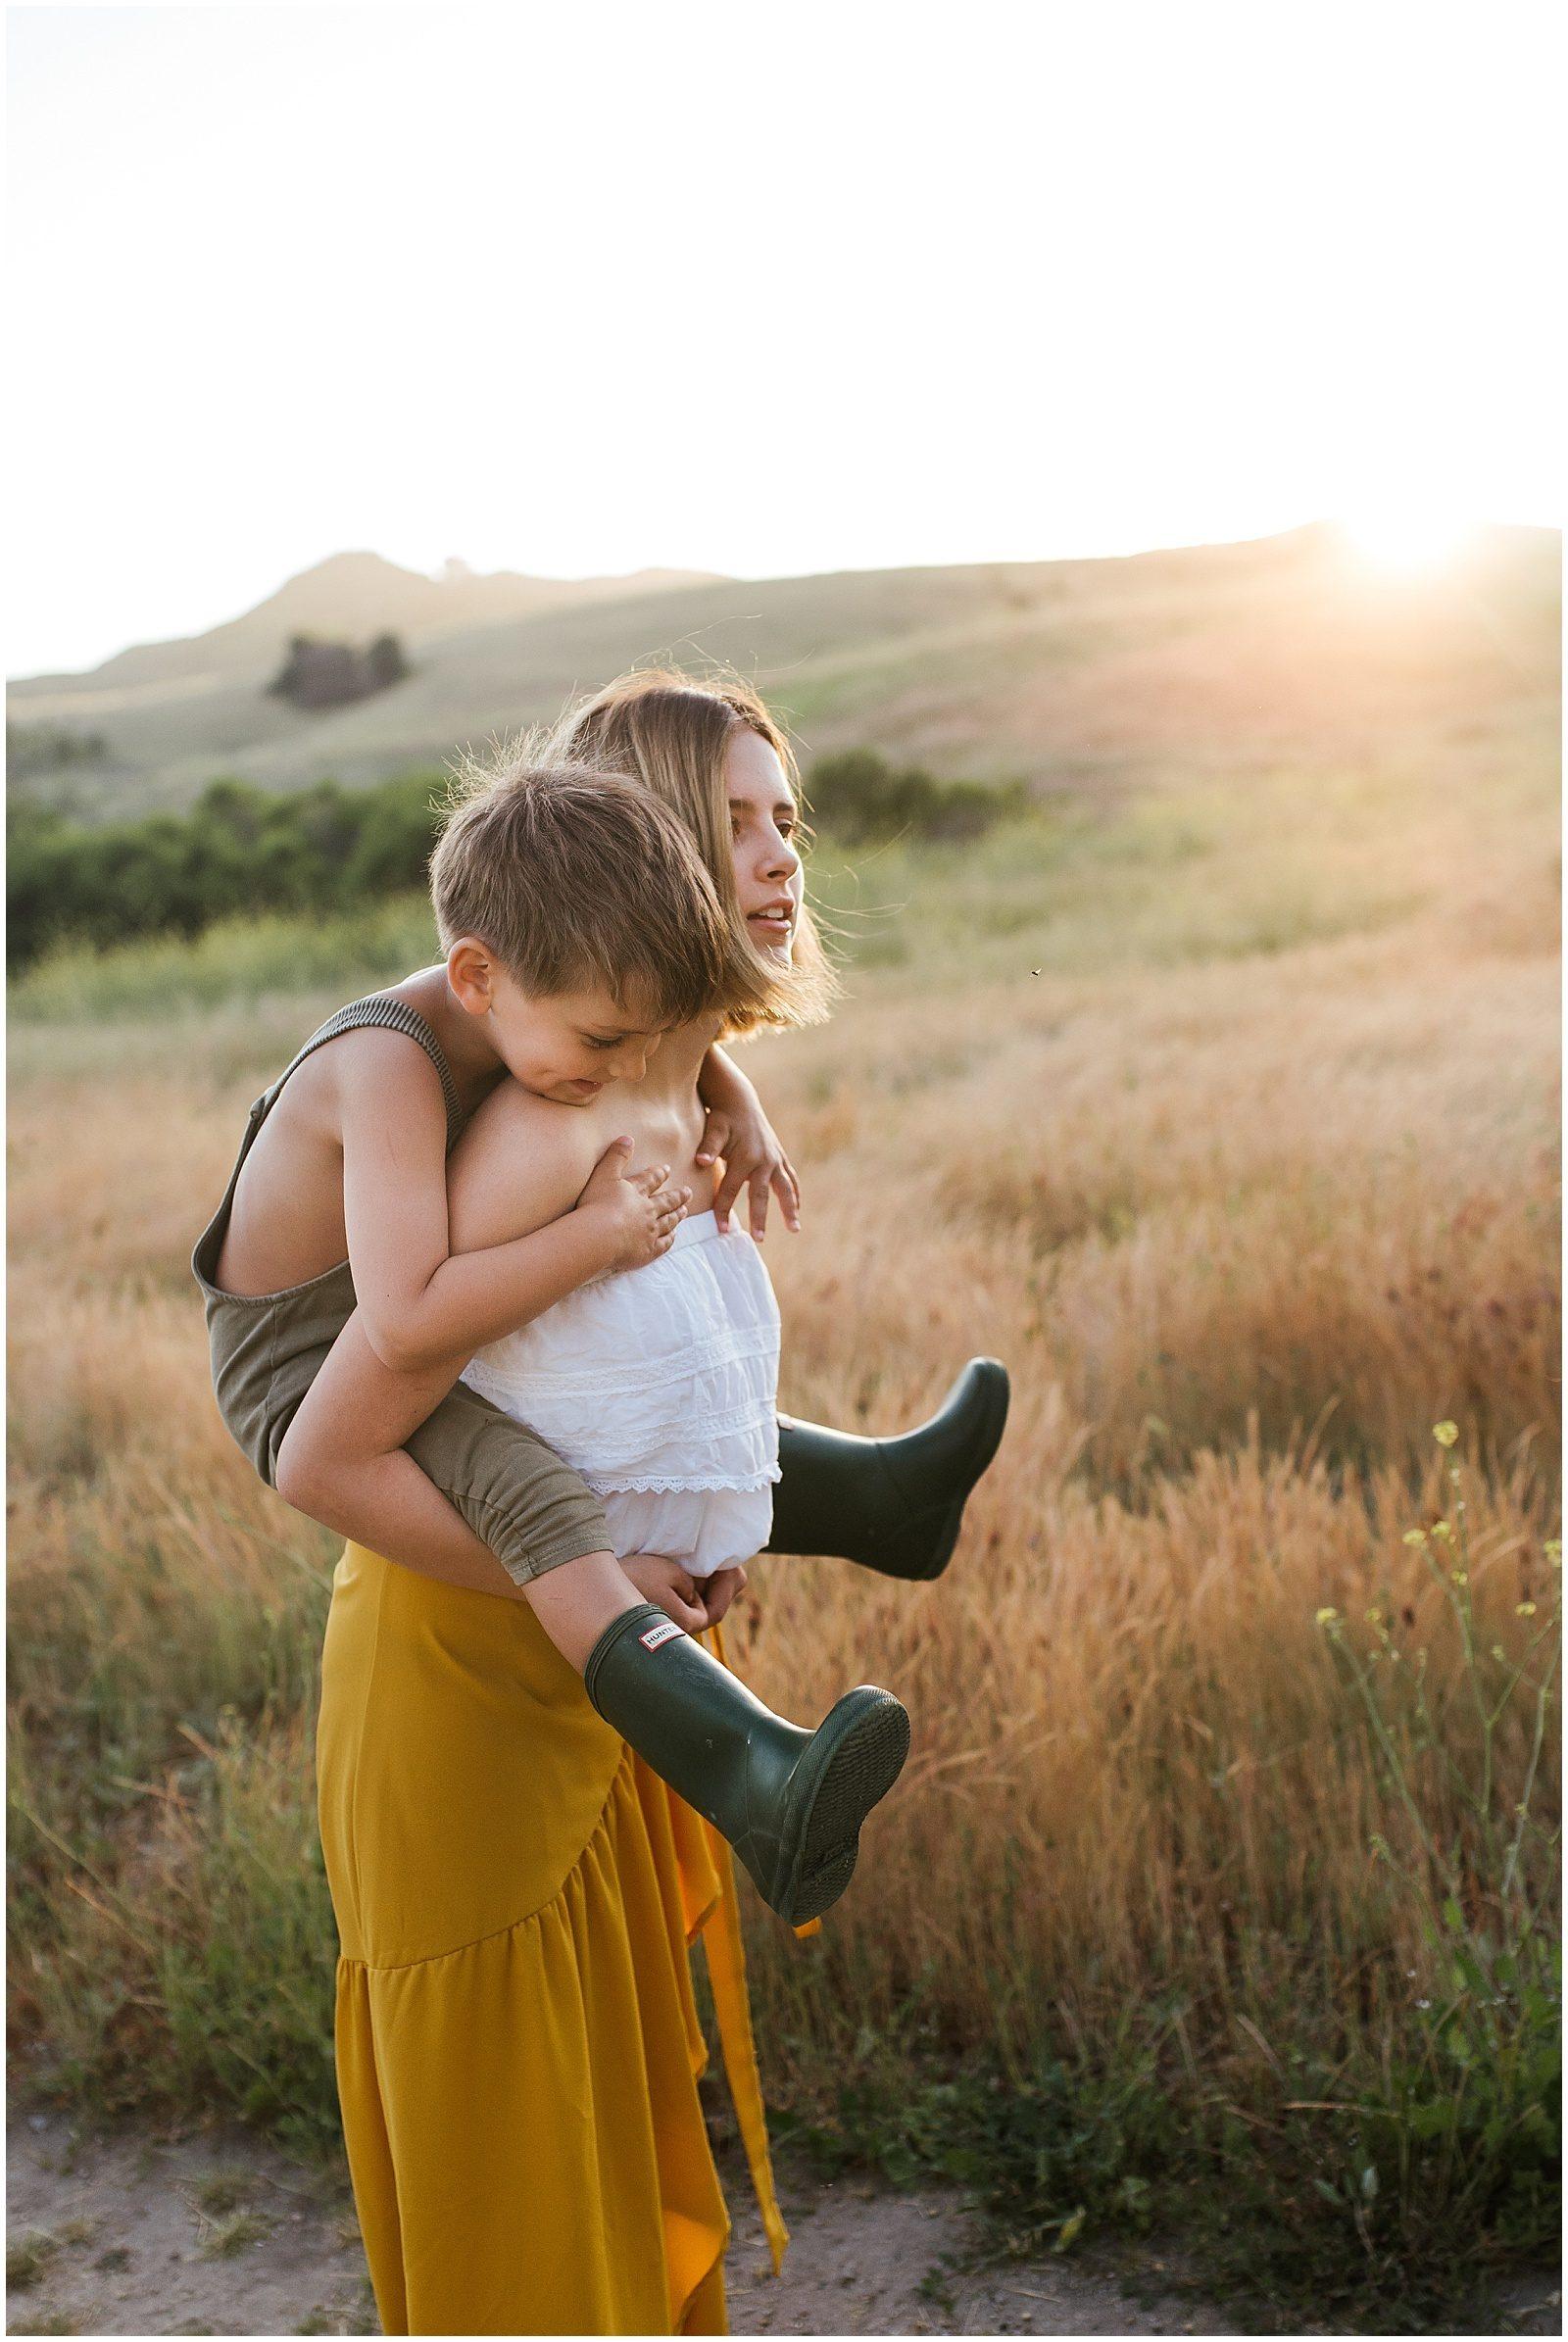 Hunting for Ladybugs | Orange County Family Photographer